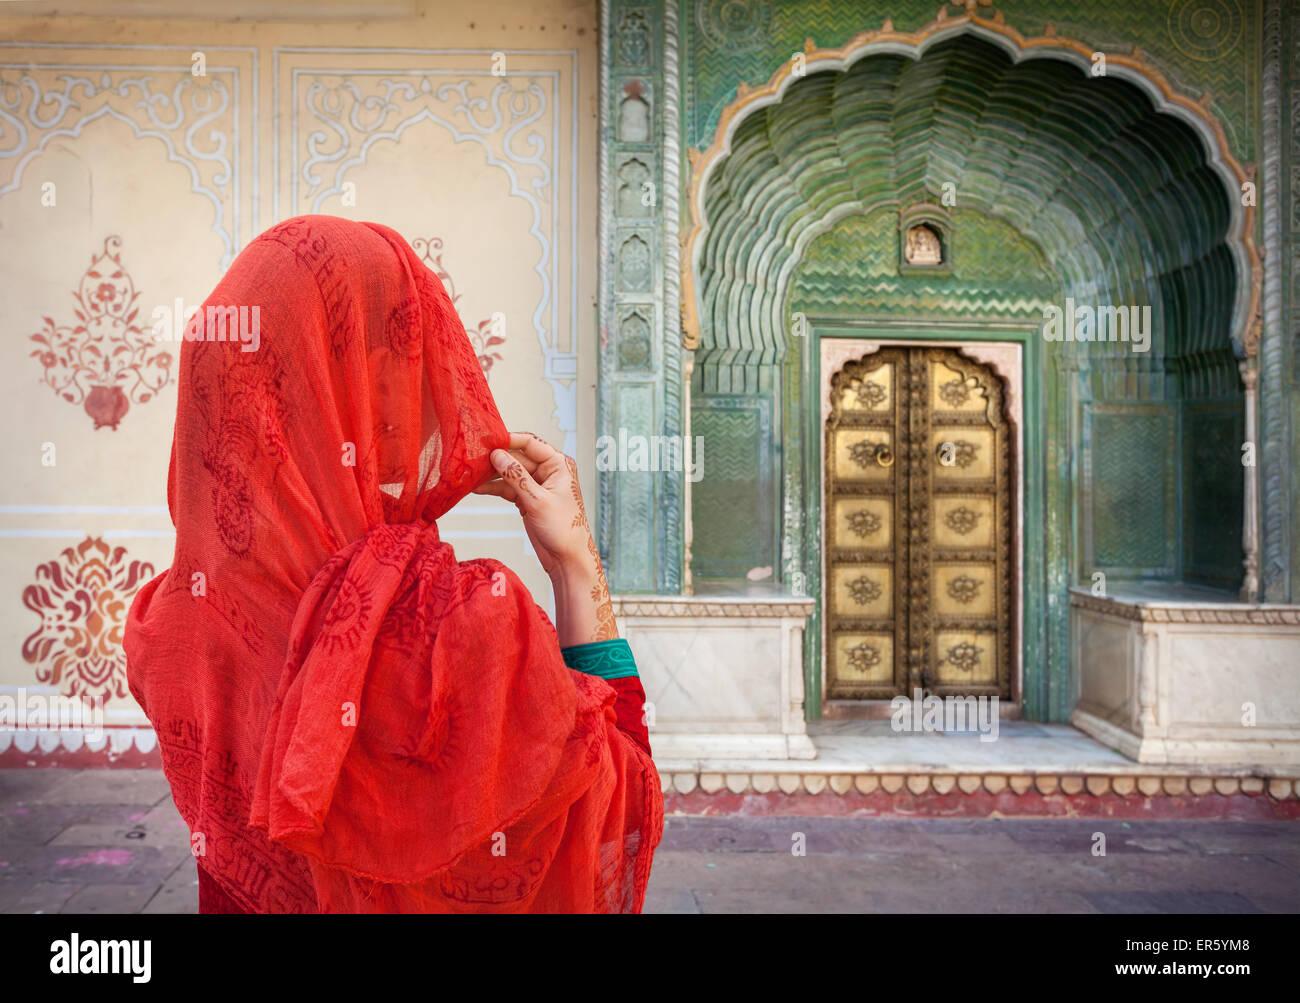 Femme au foulard rouge à la porte à porte verte dans la région de palais de la ville de Jaipur, Rajasthan, Photo Stock